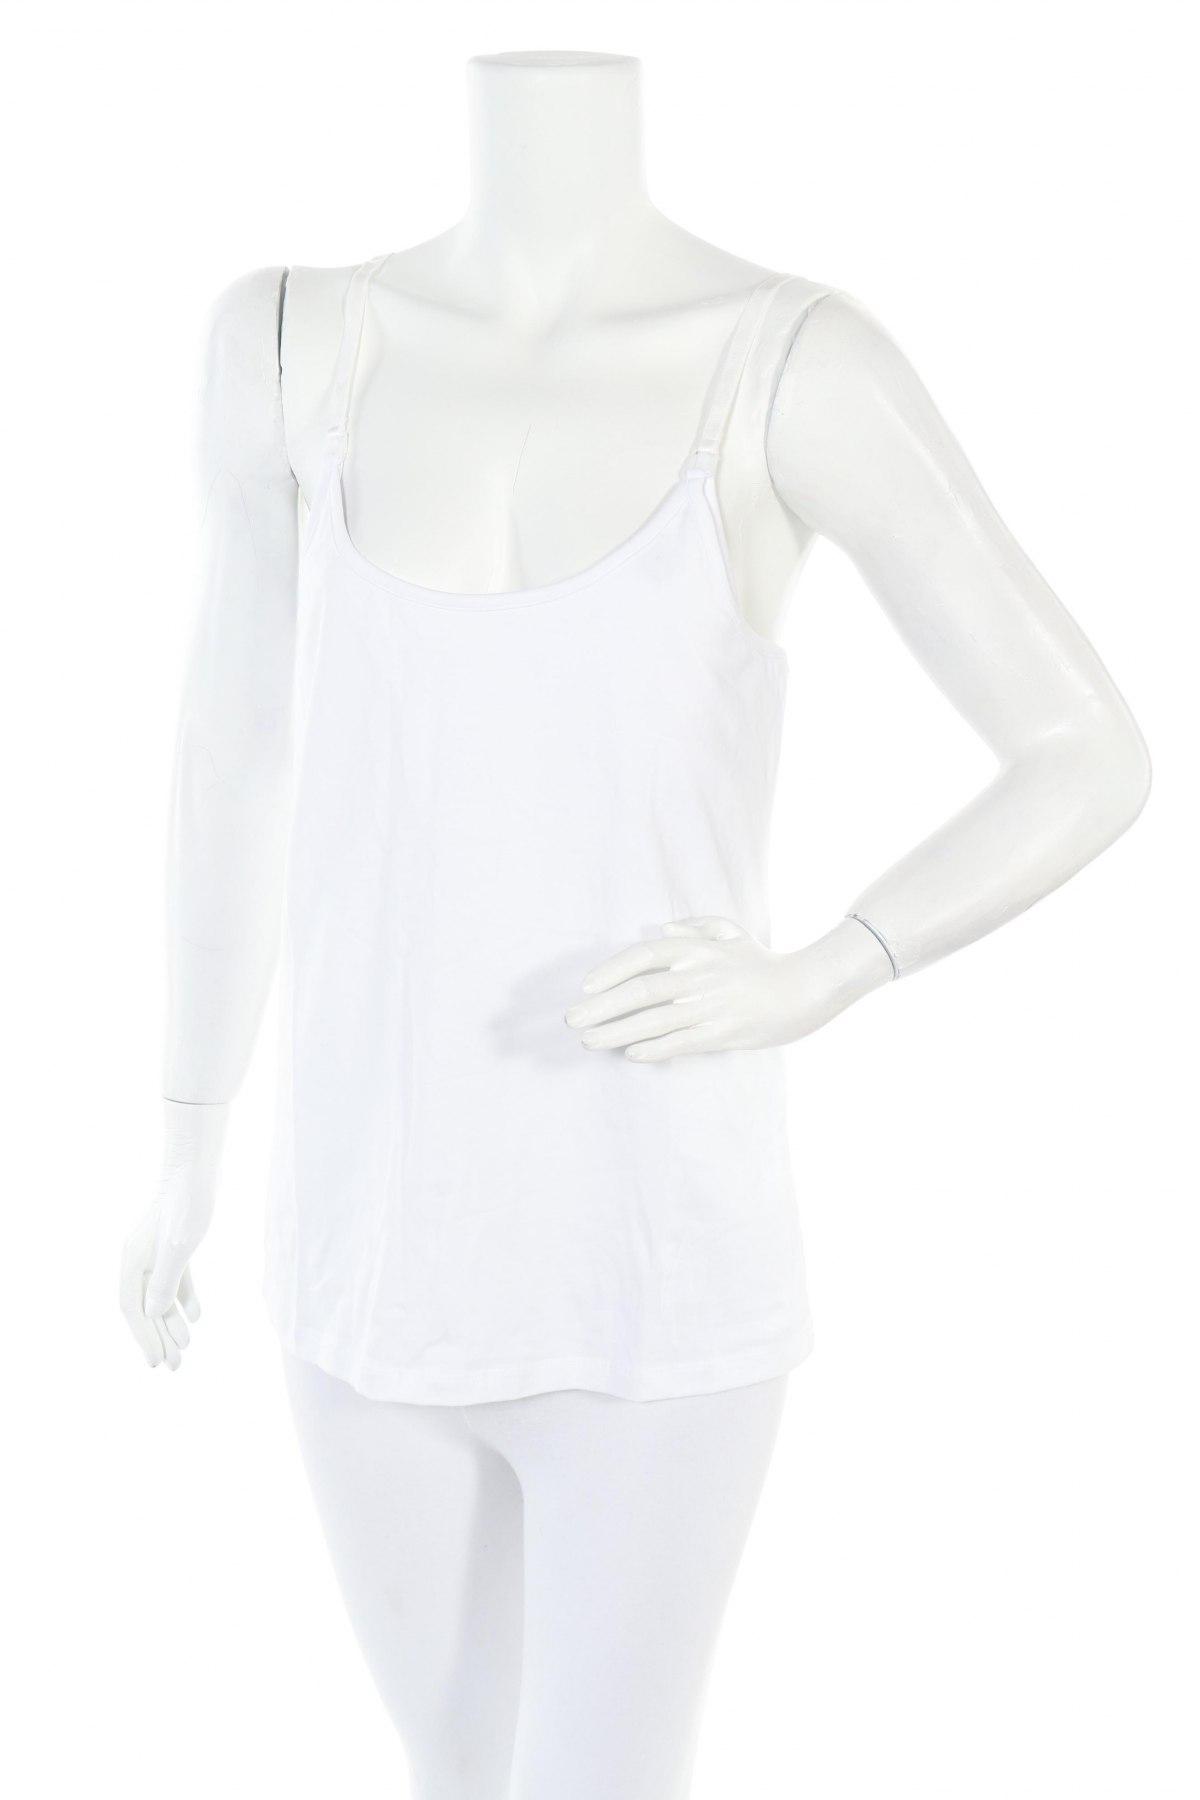 Дамско бельо Neun Monate, Размер L, Цвят Бял, 95% памук, 5% еластан, Цена 15,96лв.